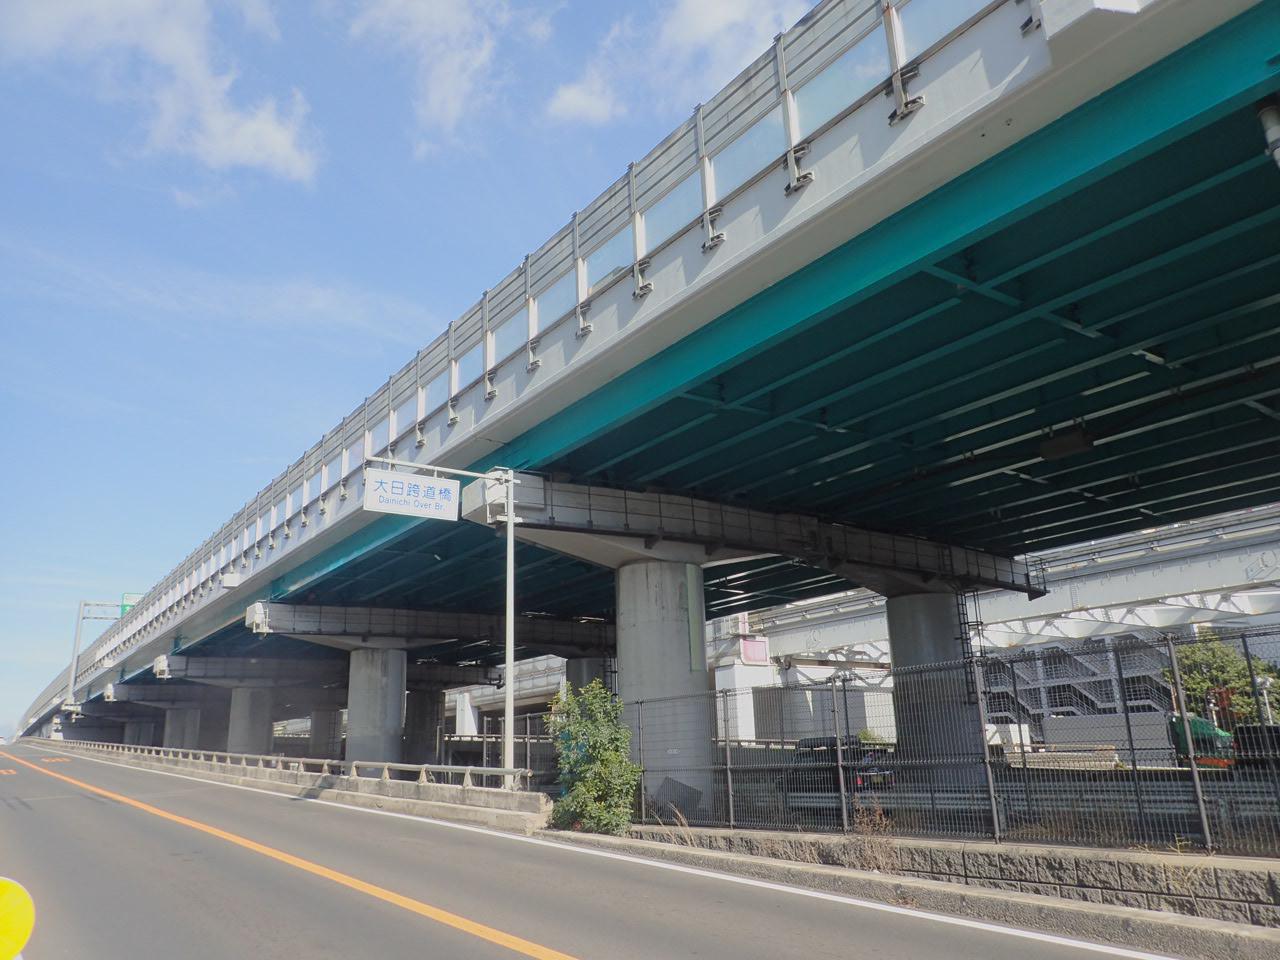 近畿自動車道松葉高架橋(大阪府)